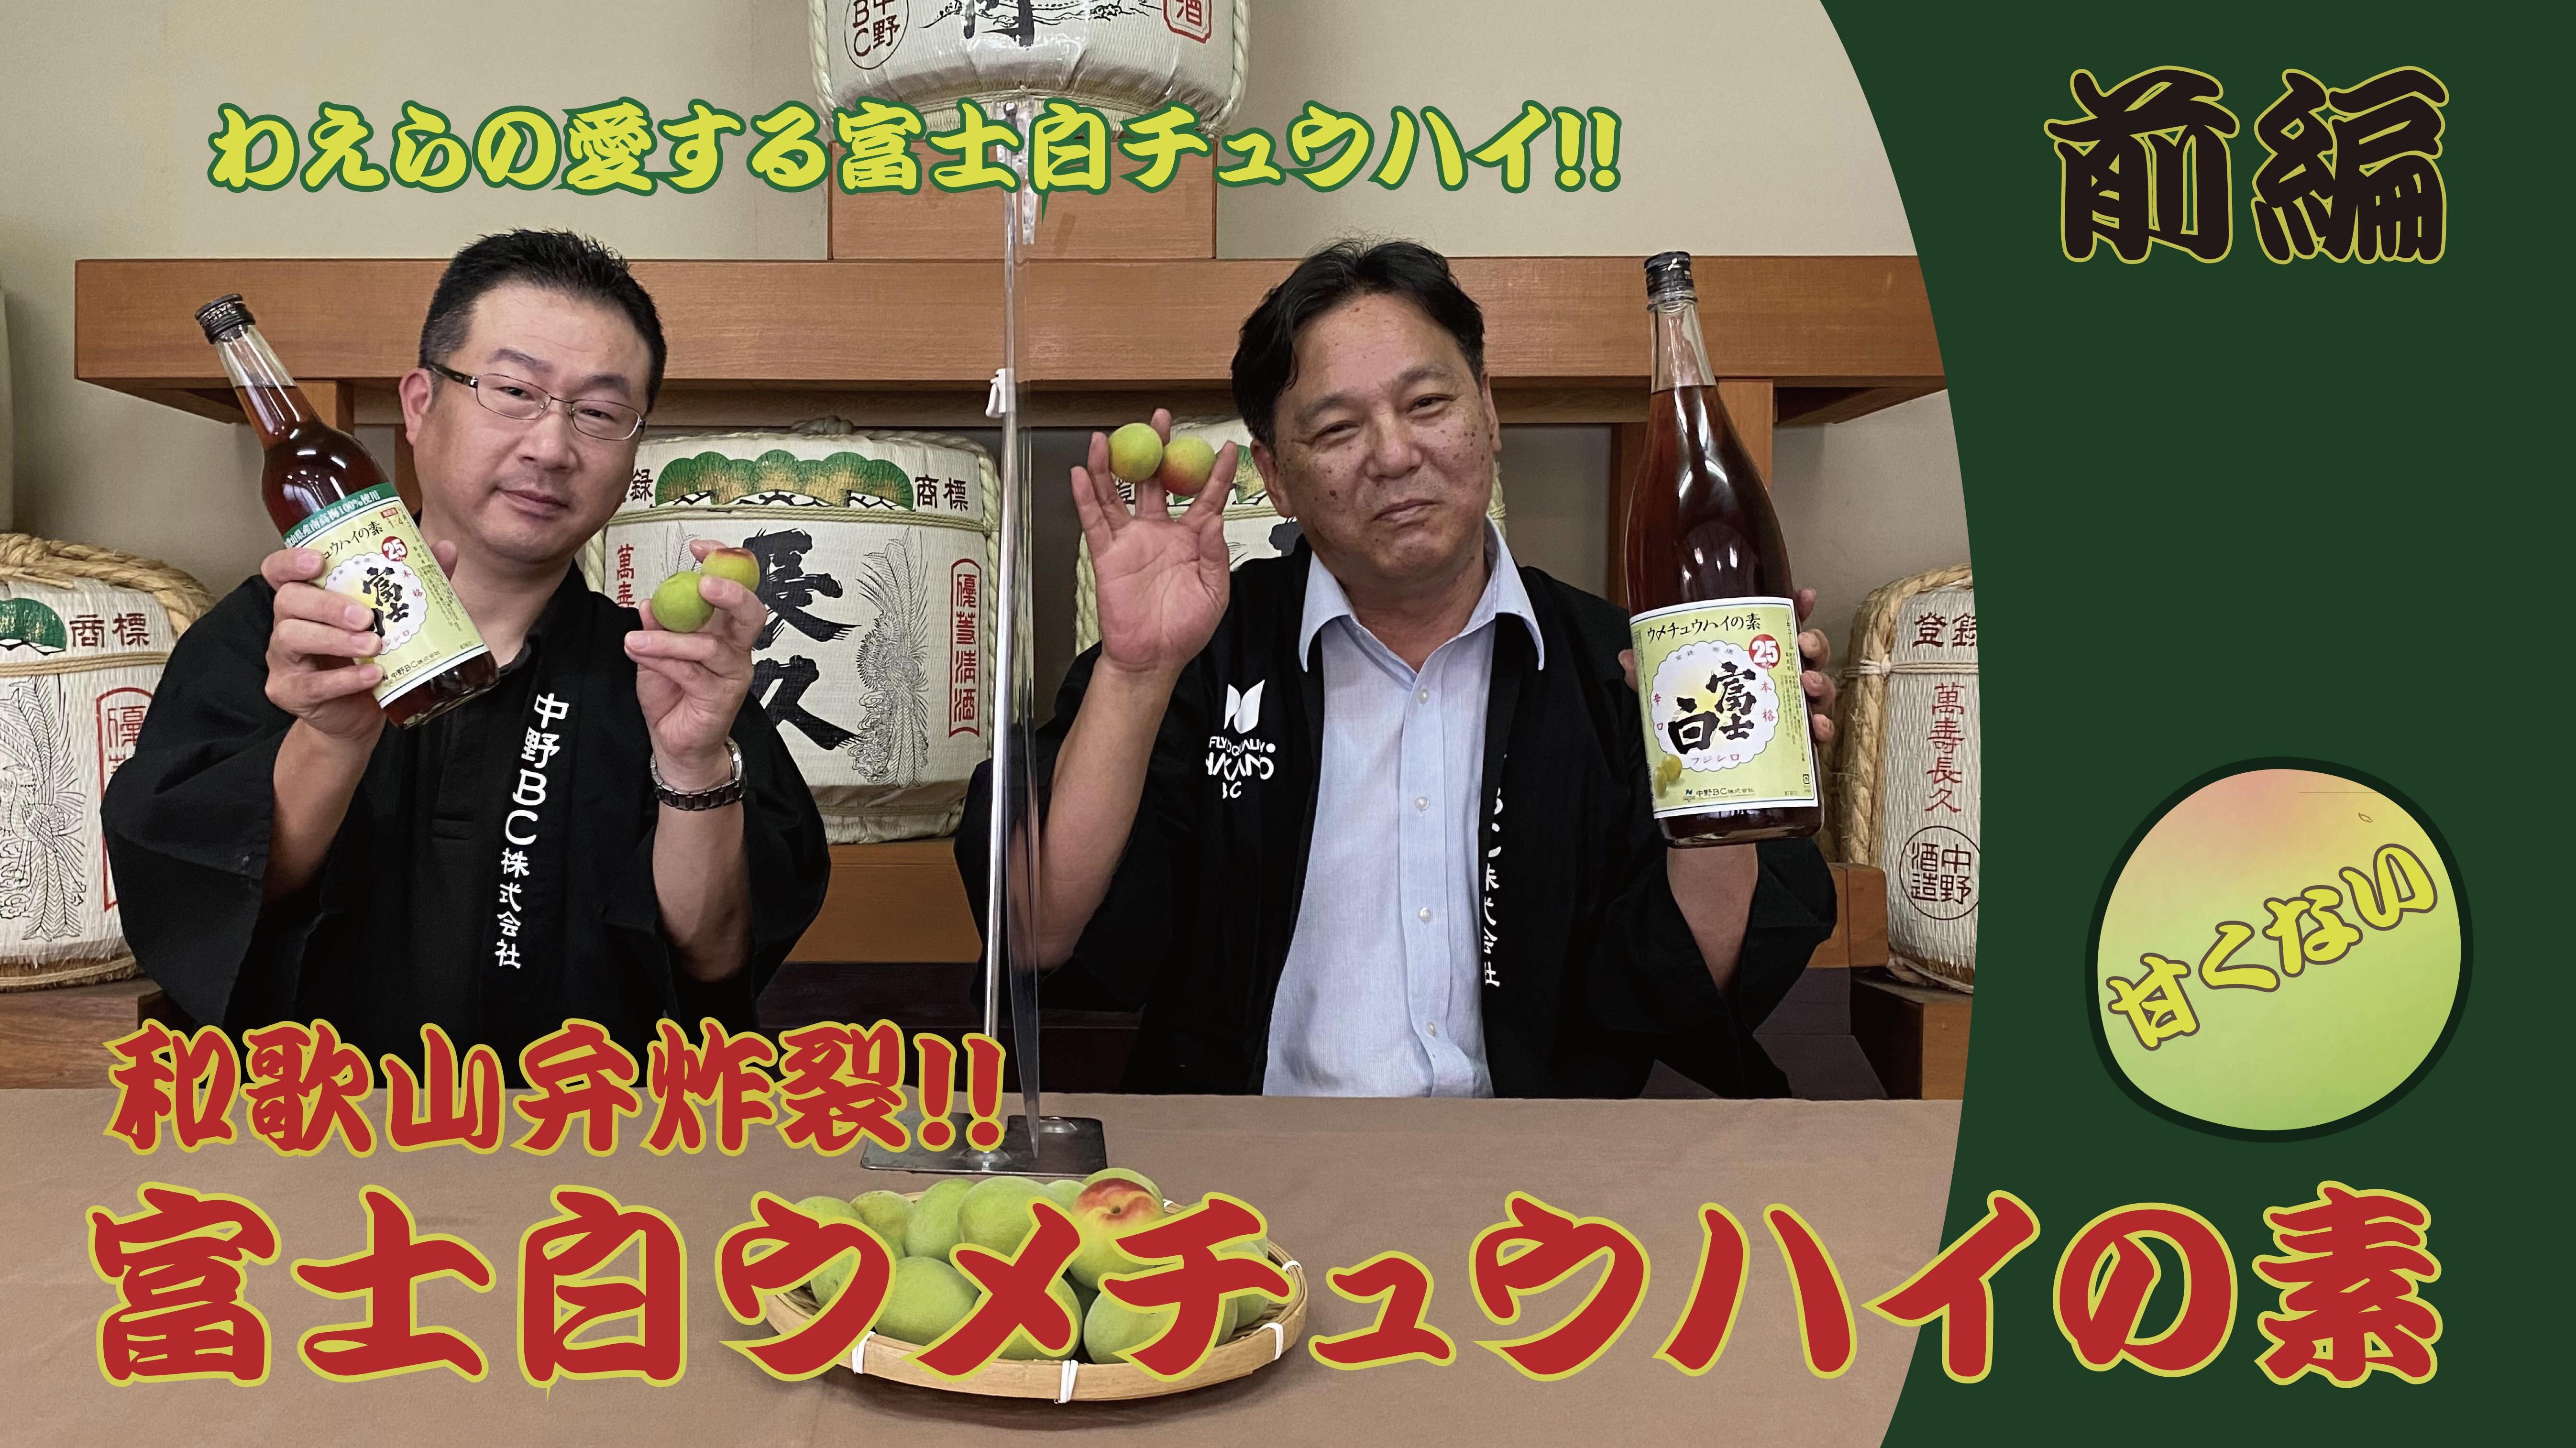 【今週の動画】和歌山弁炸裂‼富士白ウメチュウハイの素を紹介!!